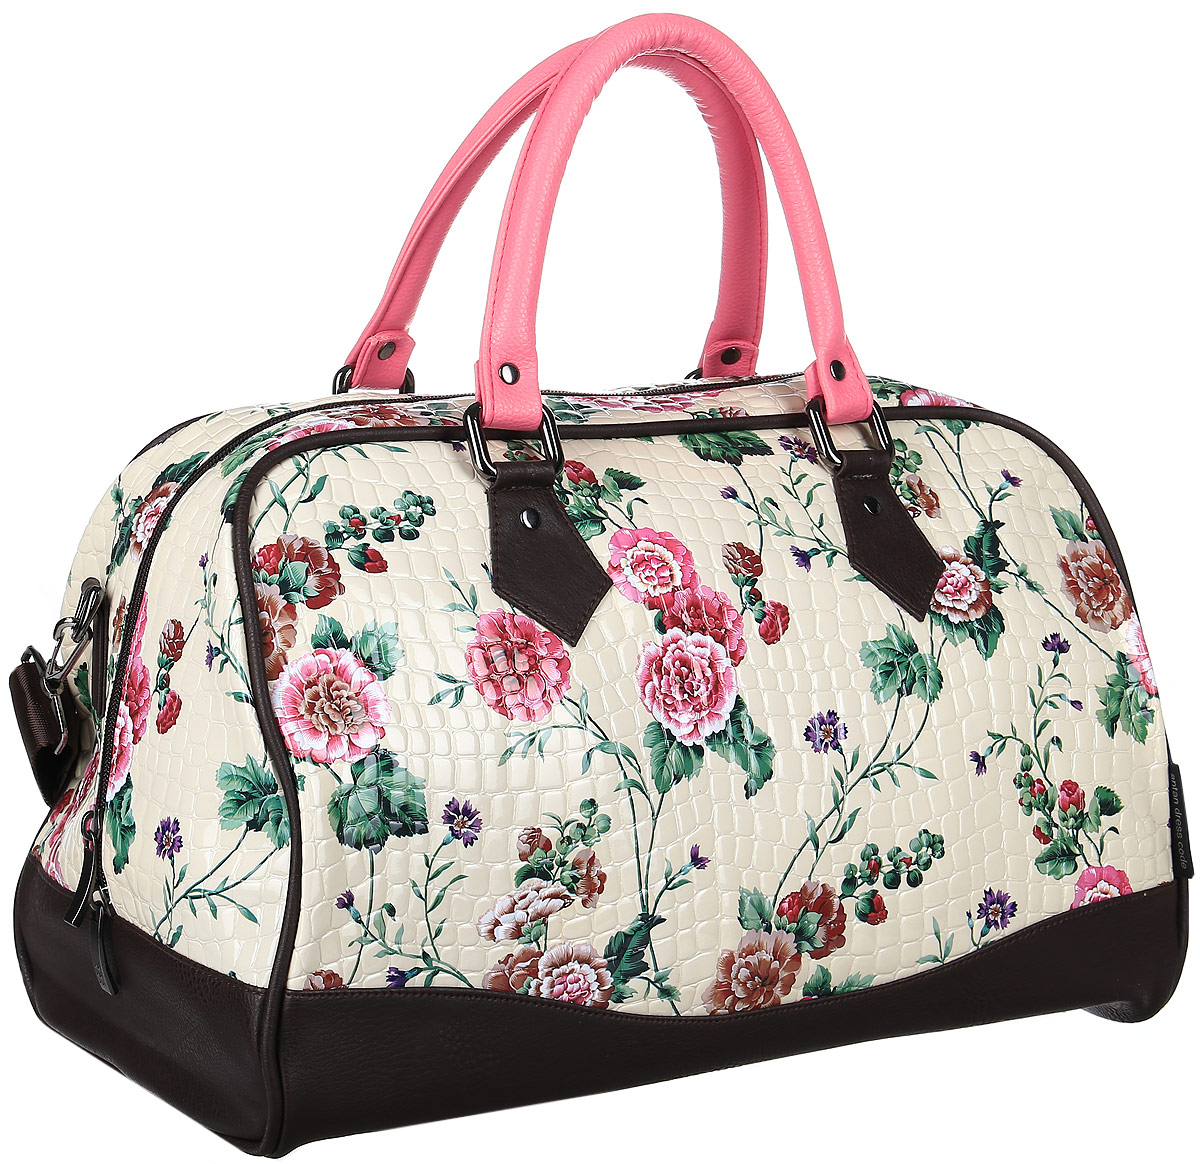 Сумка дорожная женская Аntan, цвет: бежевый, розовый. 4670018861526ГризлиЖенская сумка Аntan выполнена из экокожи. Сумка имеет одно основное отделение, закрывающееся на застежку-молнию. Внутри модель имеет карман на застежке-молнии. Изделие оснащено двумя удобными ручками и съемным плечевым ремнем. Оформлена модель цветочным принтом.